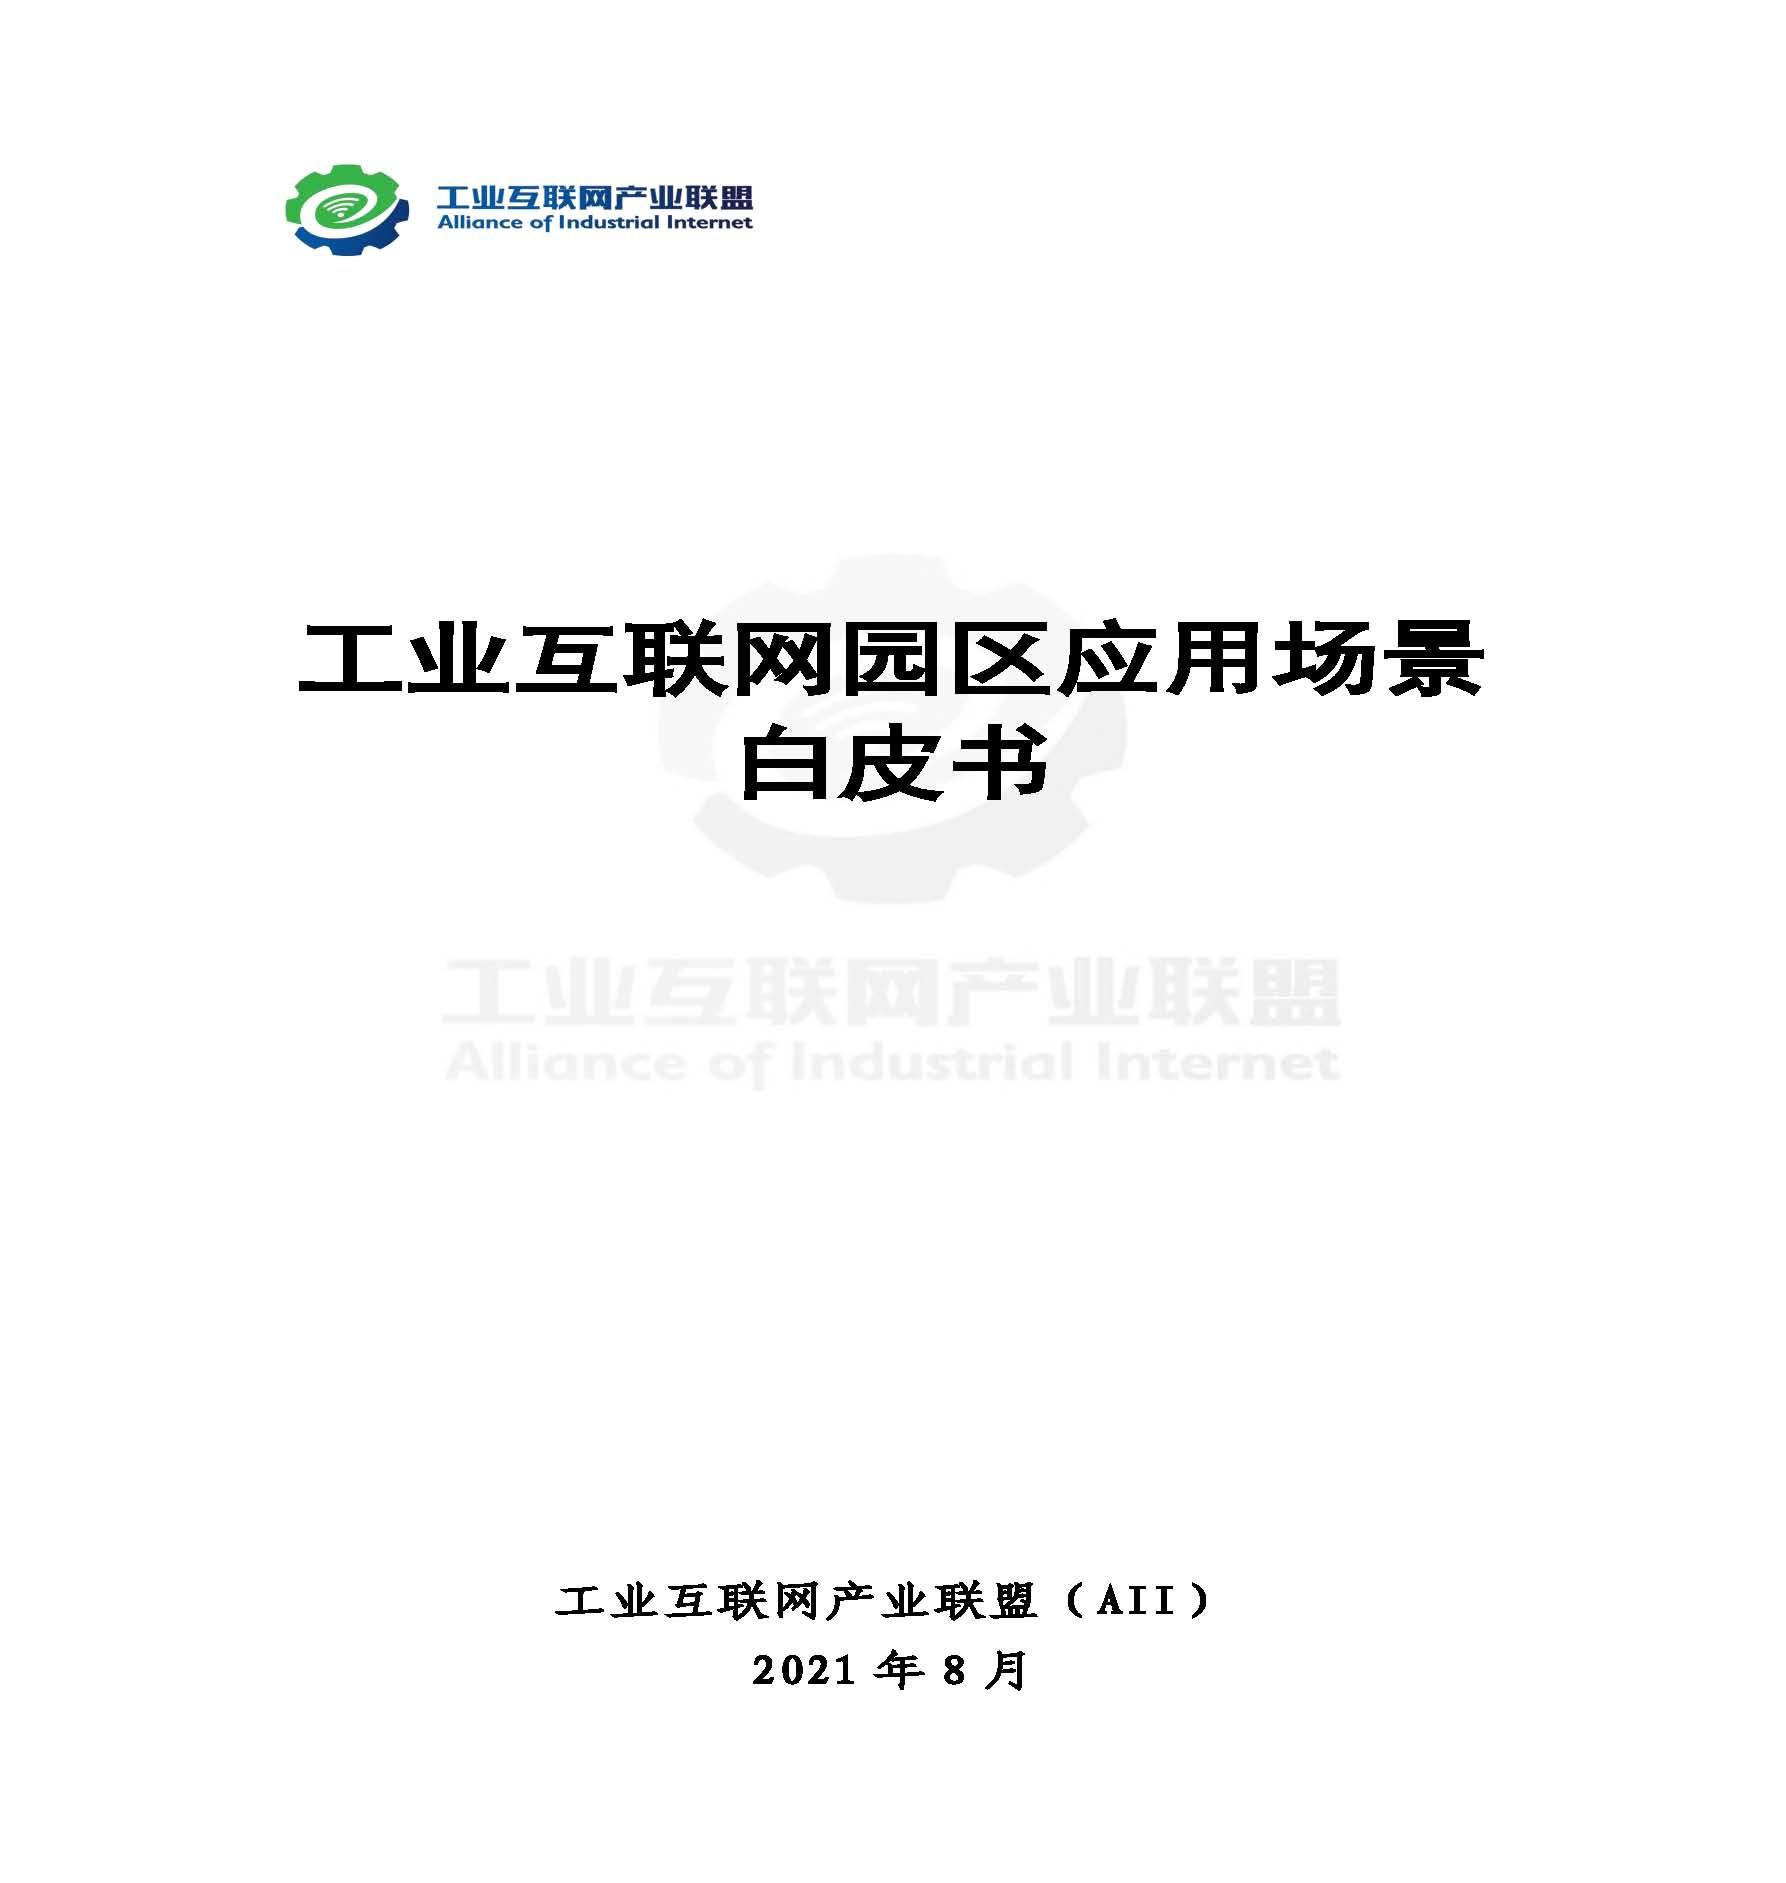 大数据研究报告,工业互联网产业联盟-工业互联网园区应用场景白皮书!